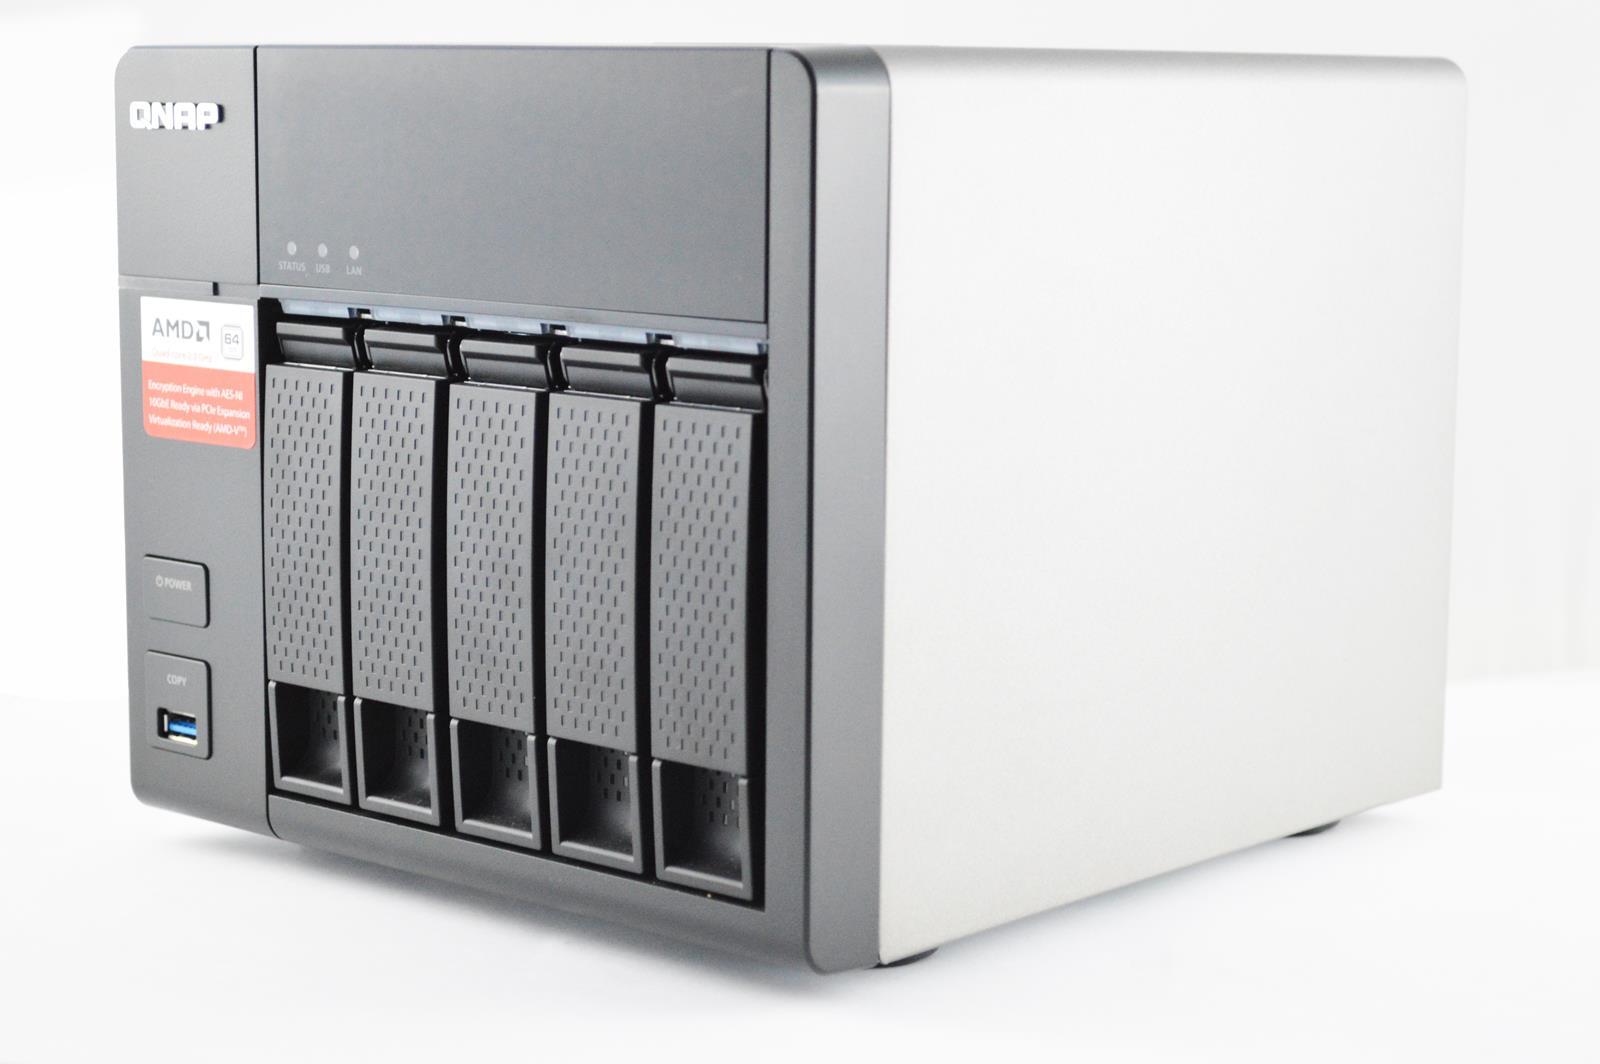 QNAP TS-563-3